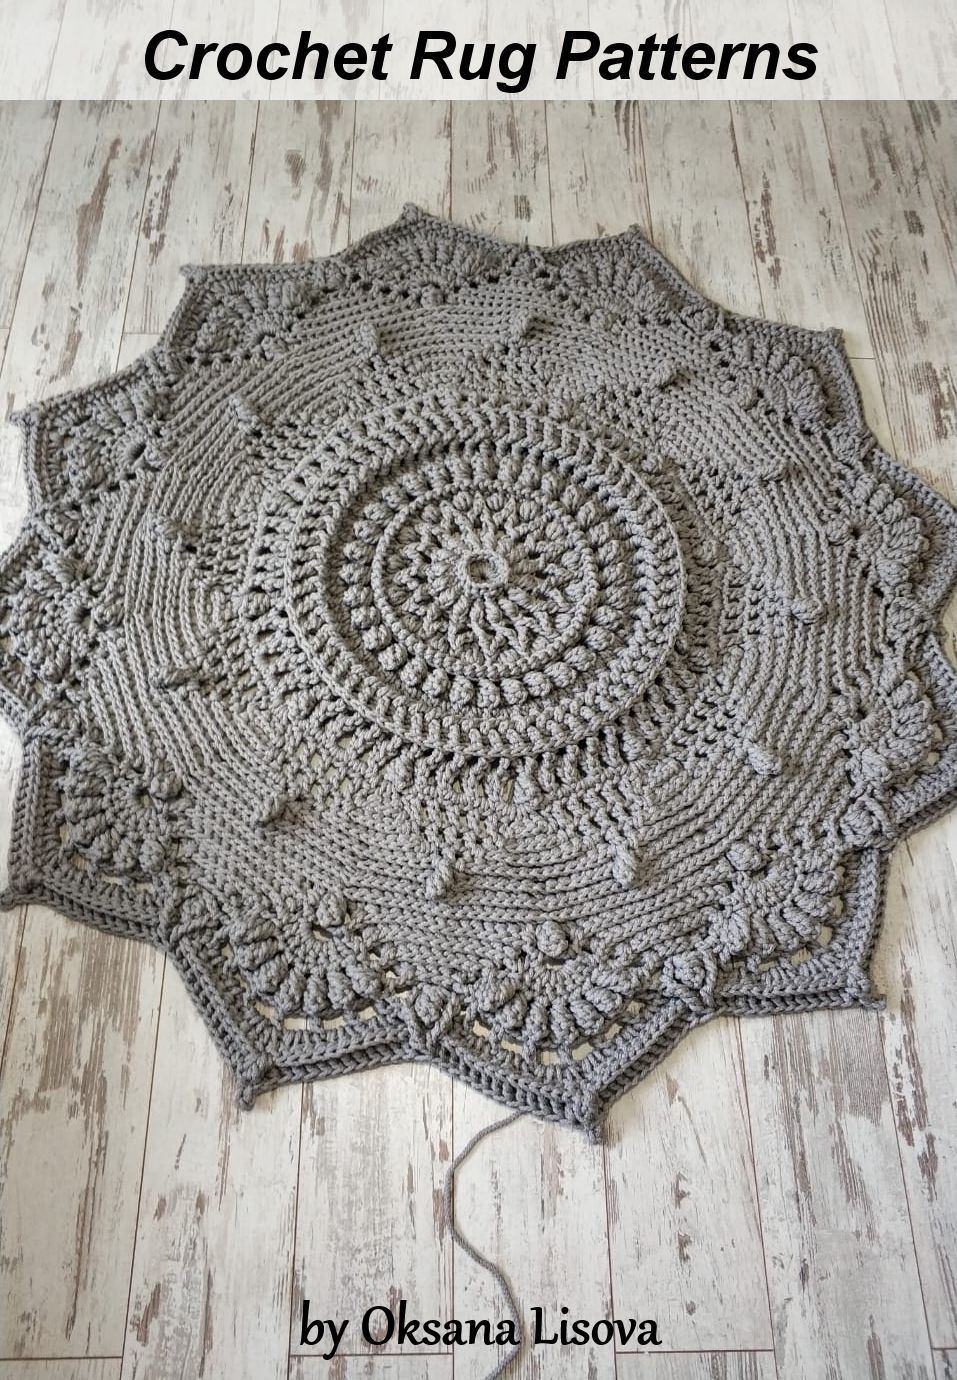 Written Instruction For Video Master Class Crochet Carpet Etsy In 2020 Crochet Carpet Crochet Rug Patterns Crochet Rug